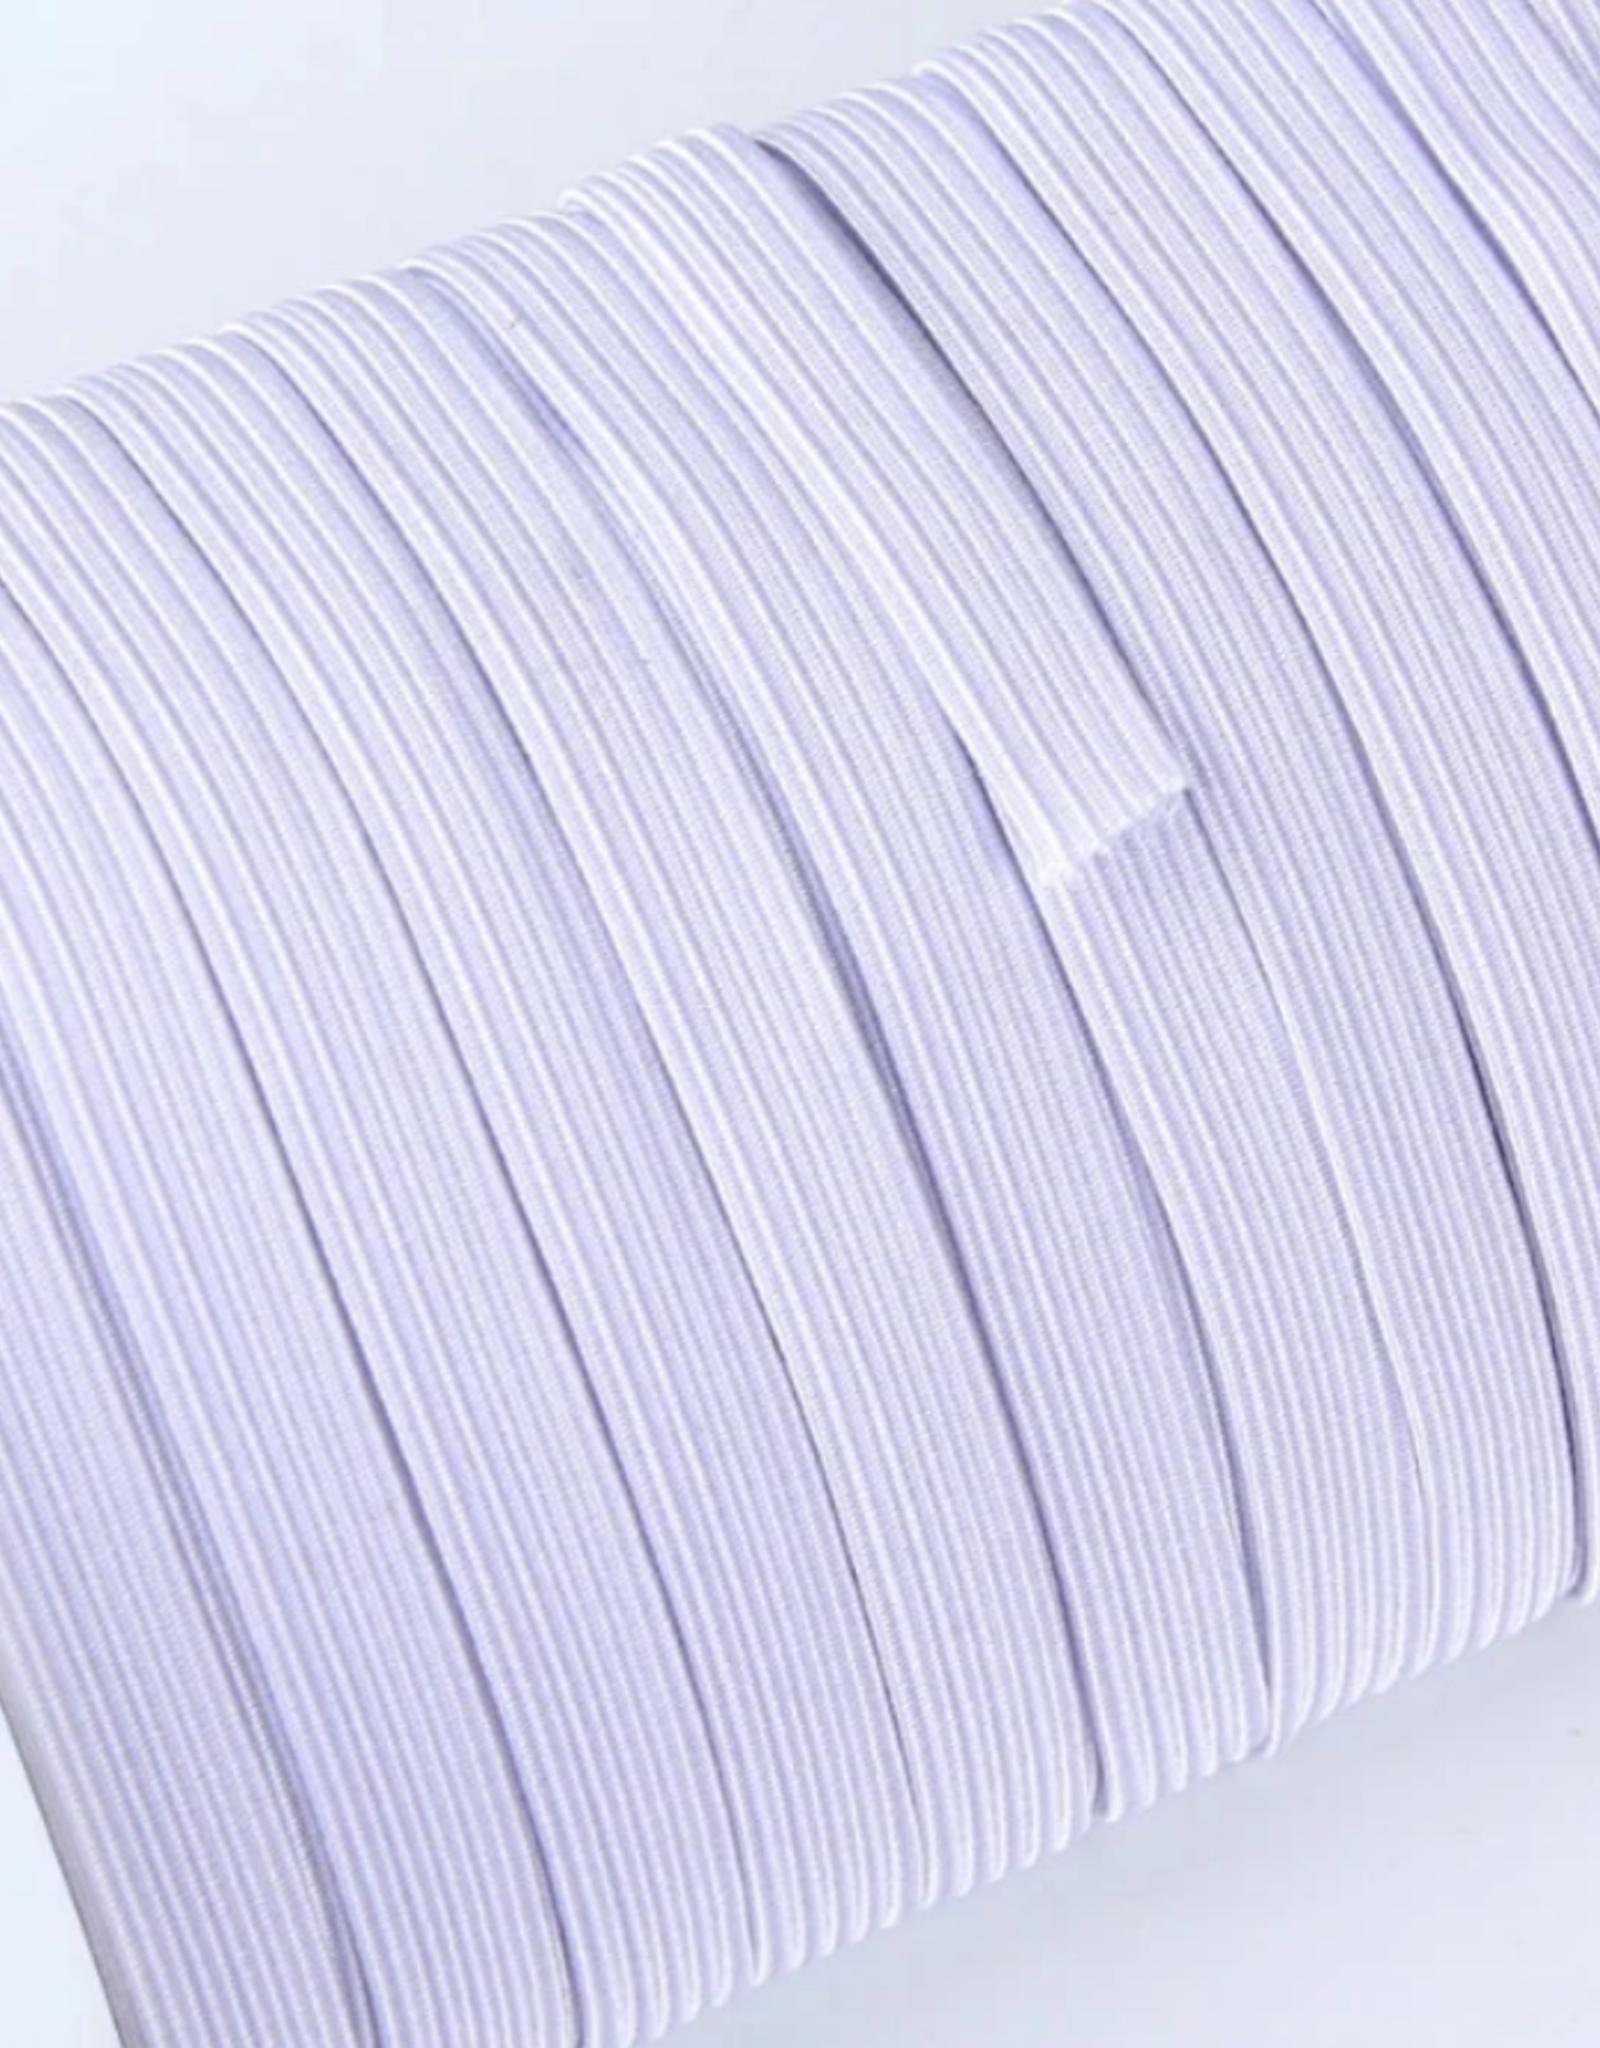 Kookvaste elastiek voor mondmaskers 6mm - Bundel van 10meter